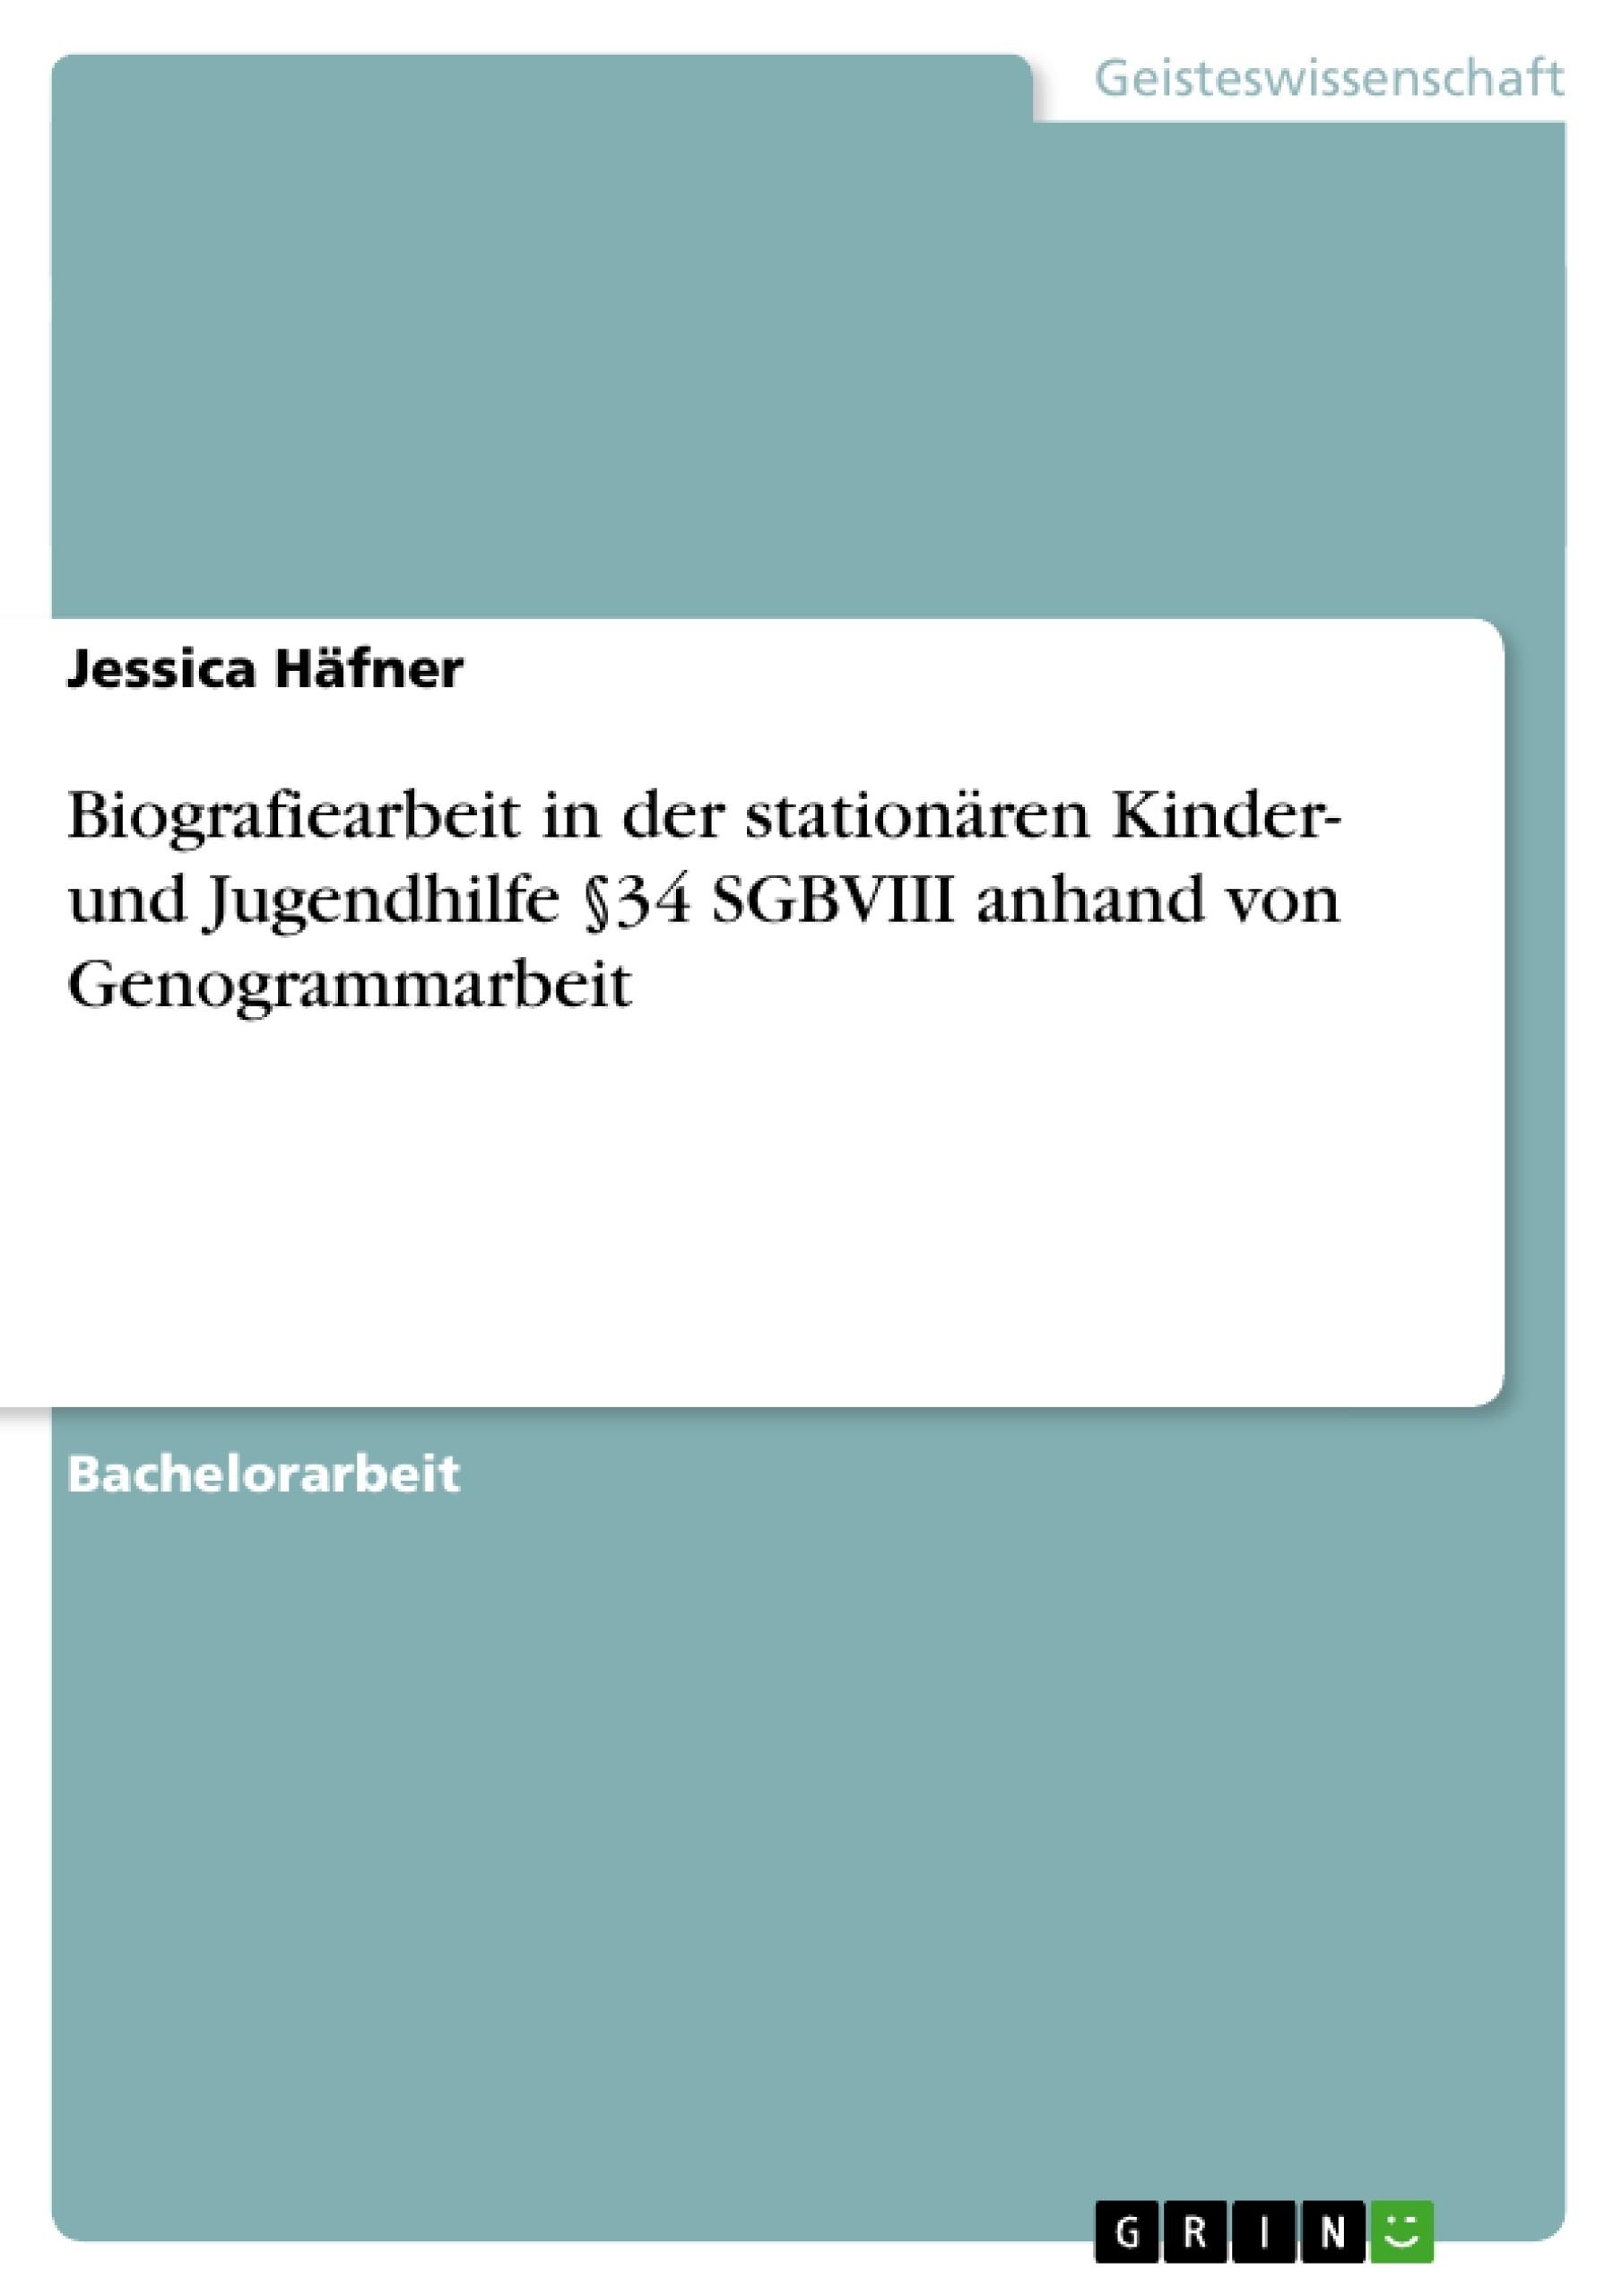 Titel: Biografiearbeit in der stationären Kinder- und Jugendhilfe §34 SGBVIII anhand von Genogrammarbeit